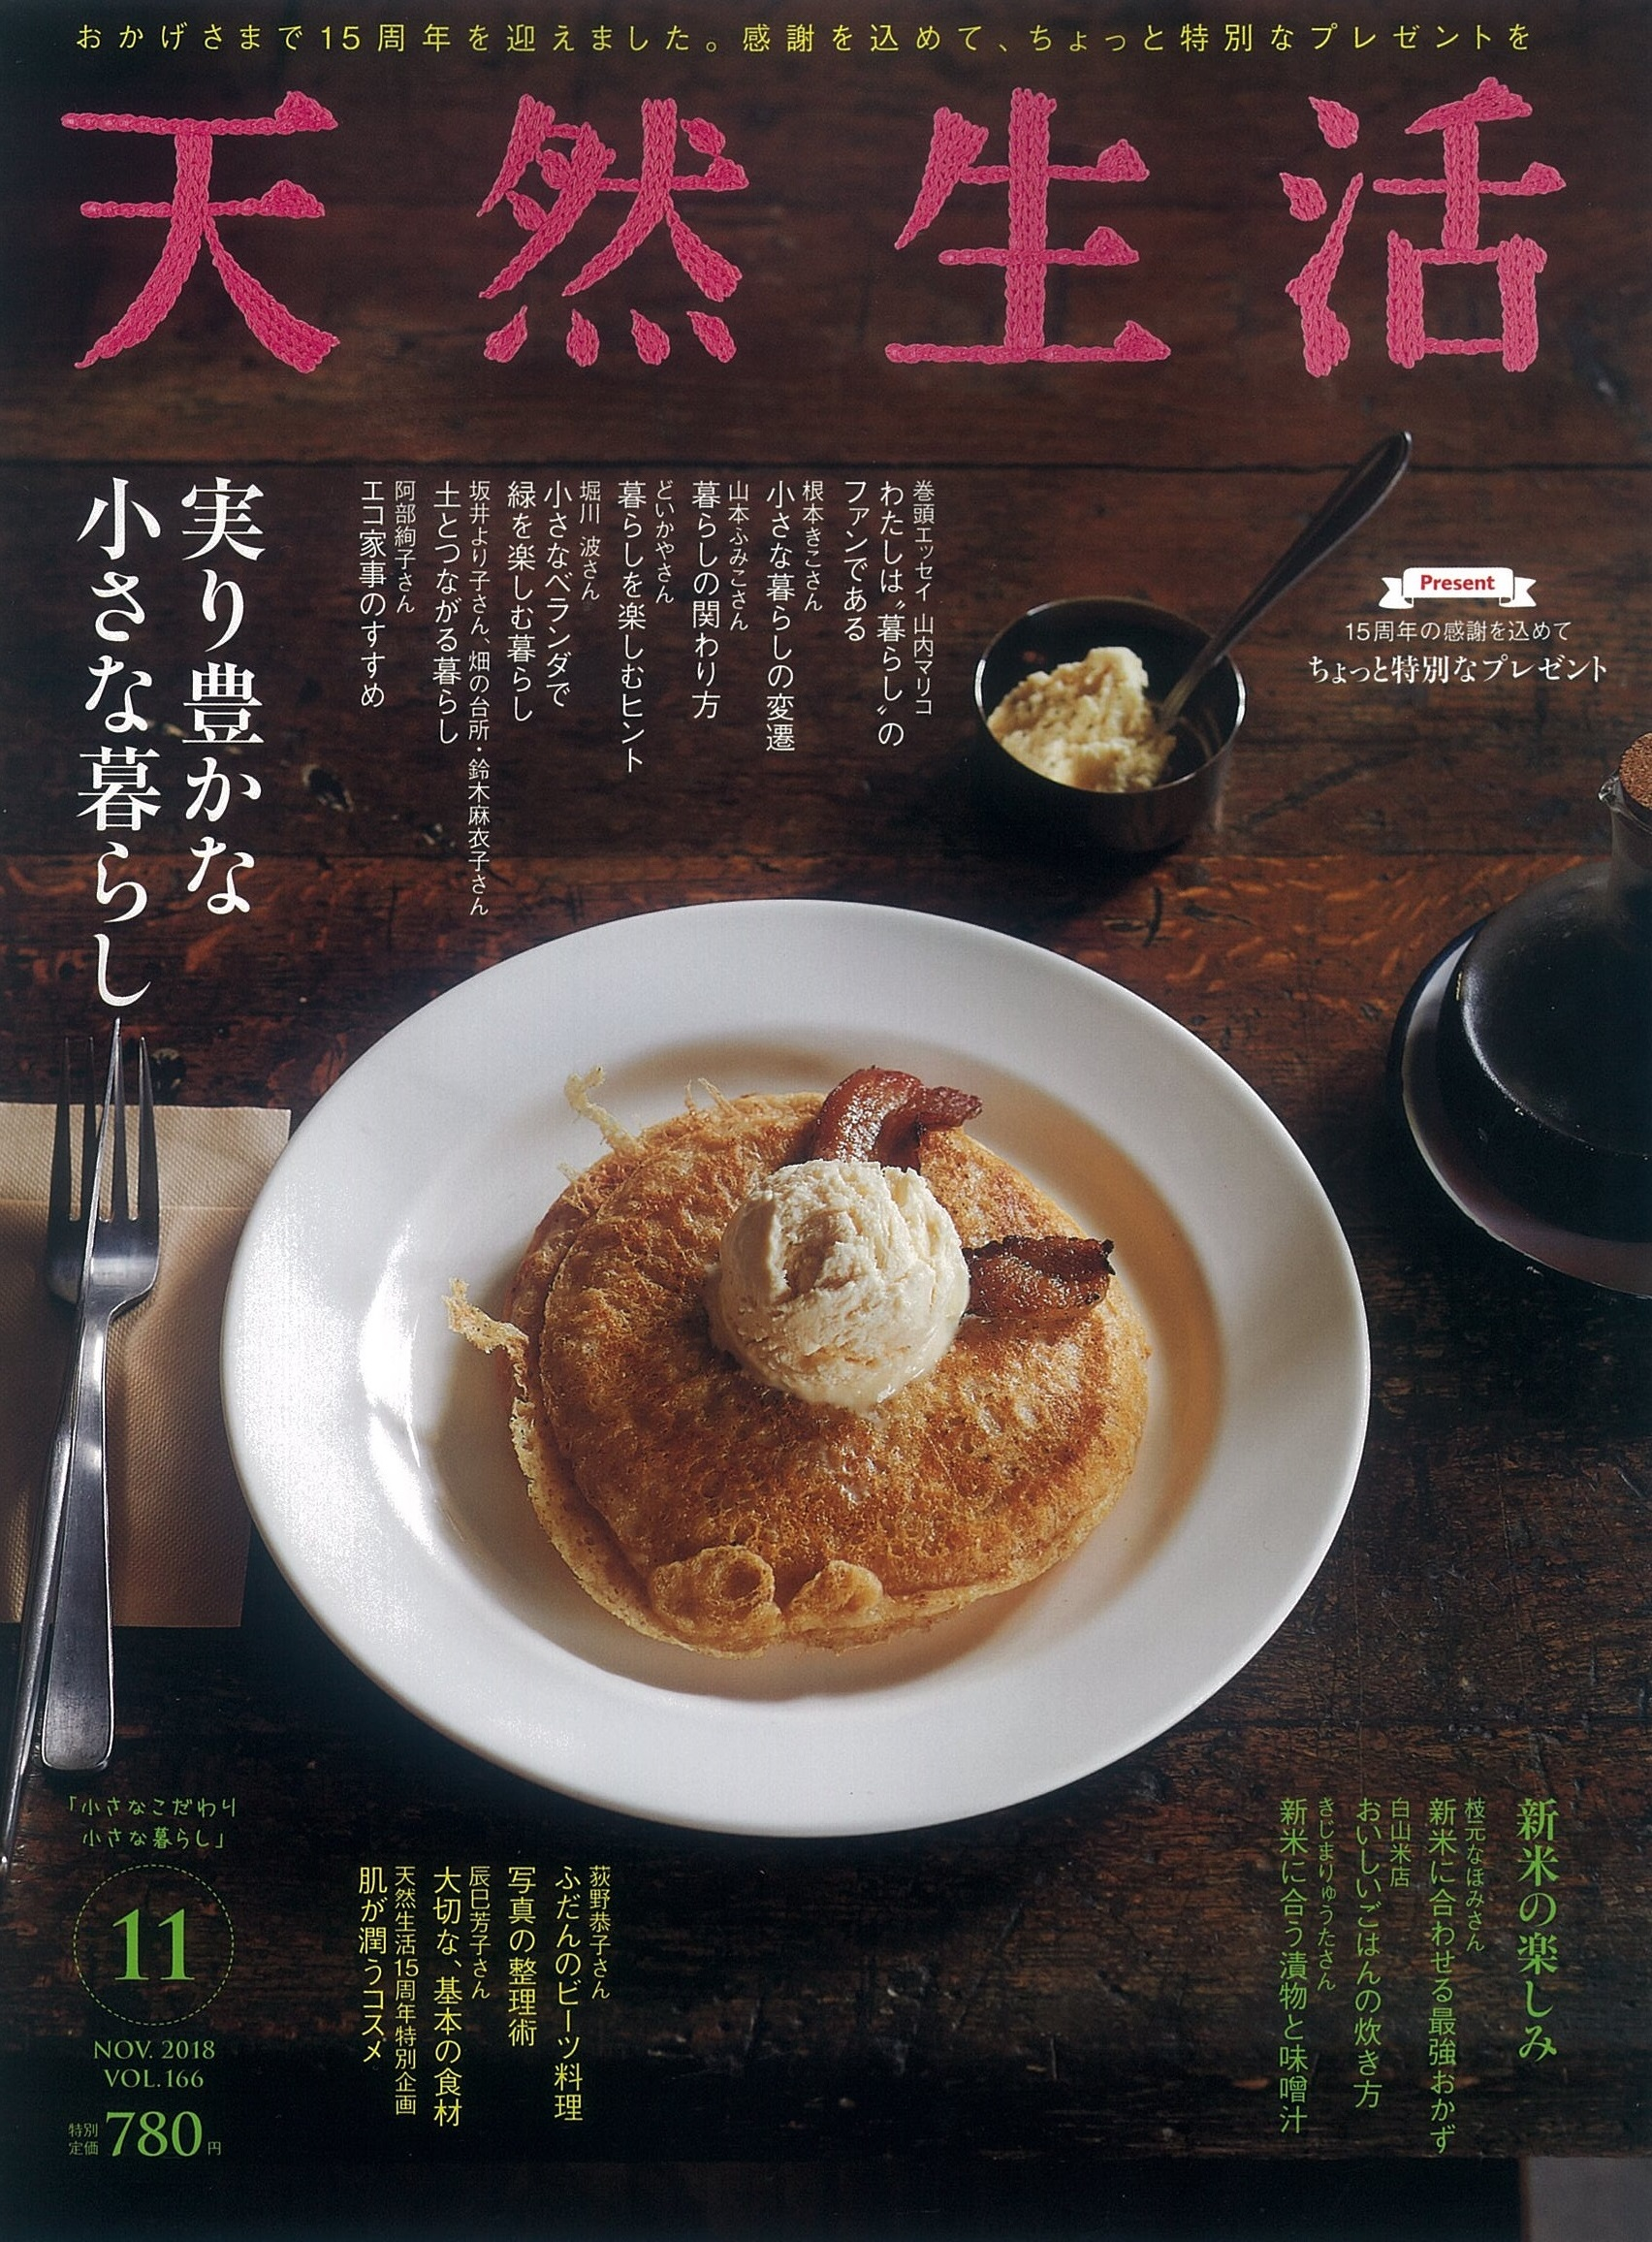 9.20【天然生活】表紙データ.jpg